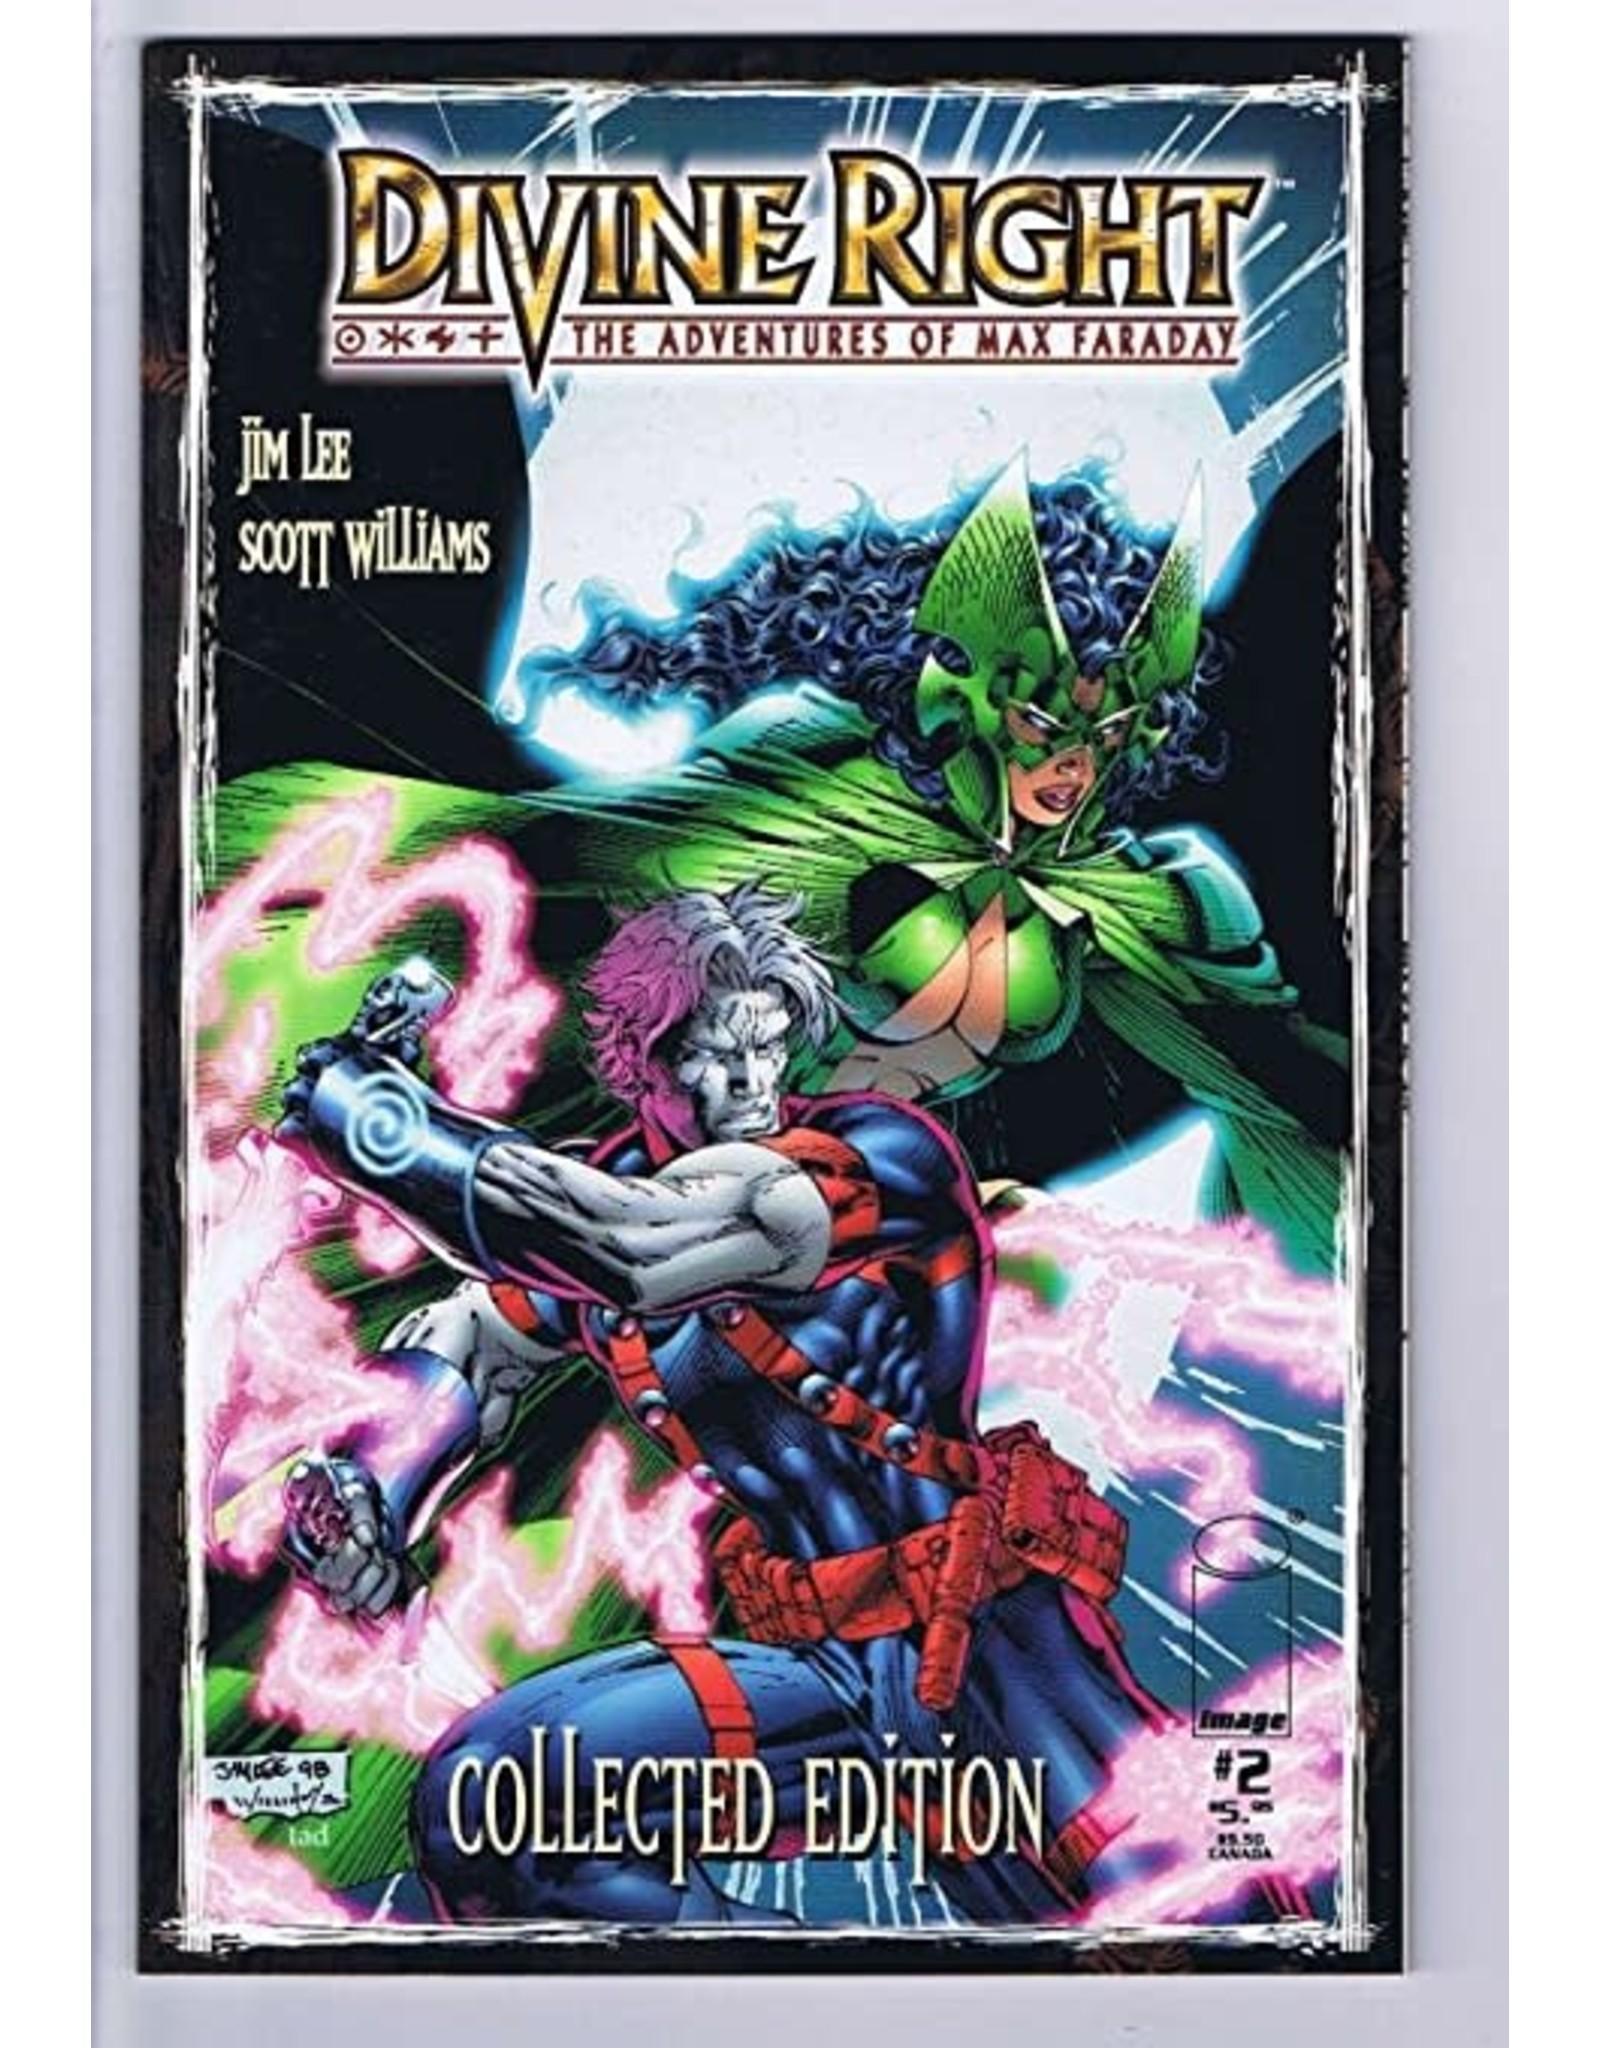 DC COMICS DIVINE RIGHT COLL ED #2